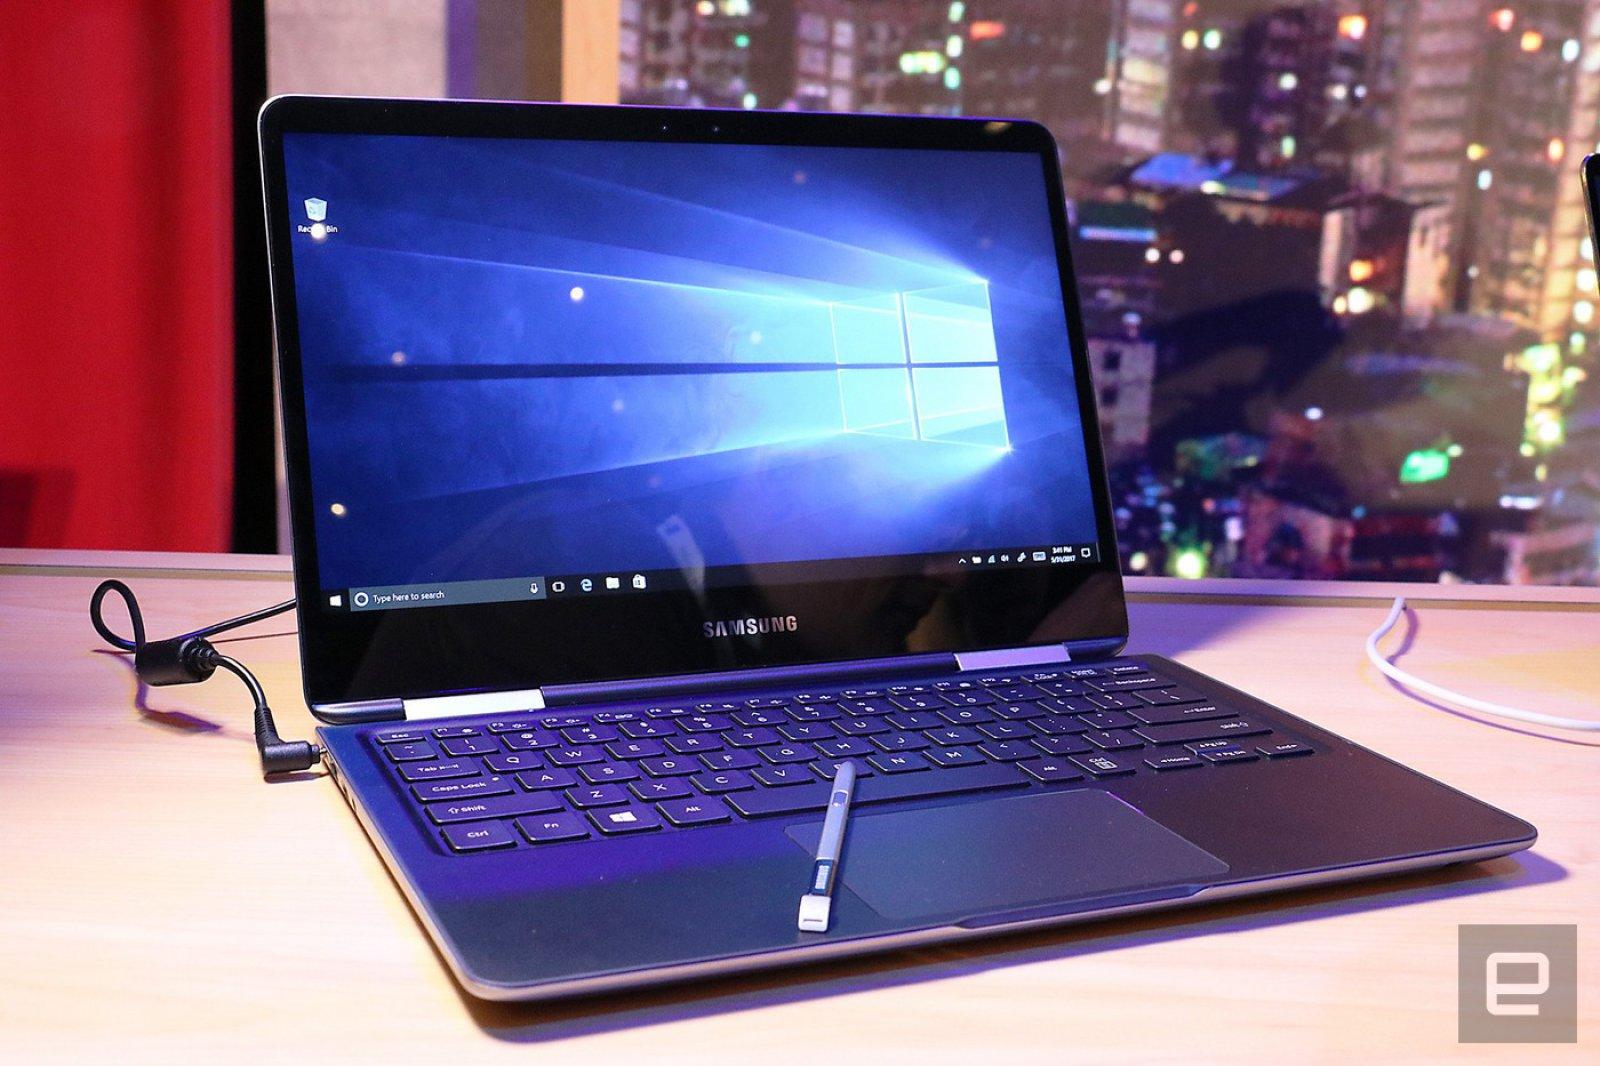 Samsung Notebook 9 Pro ufficiale: la scheda tecnica del portatile